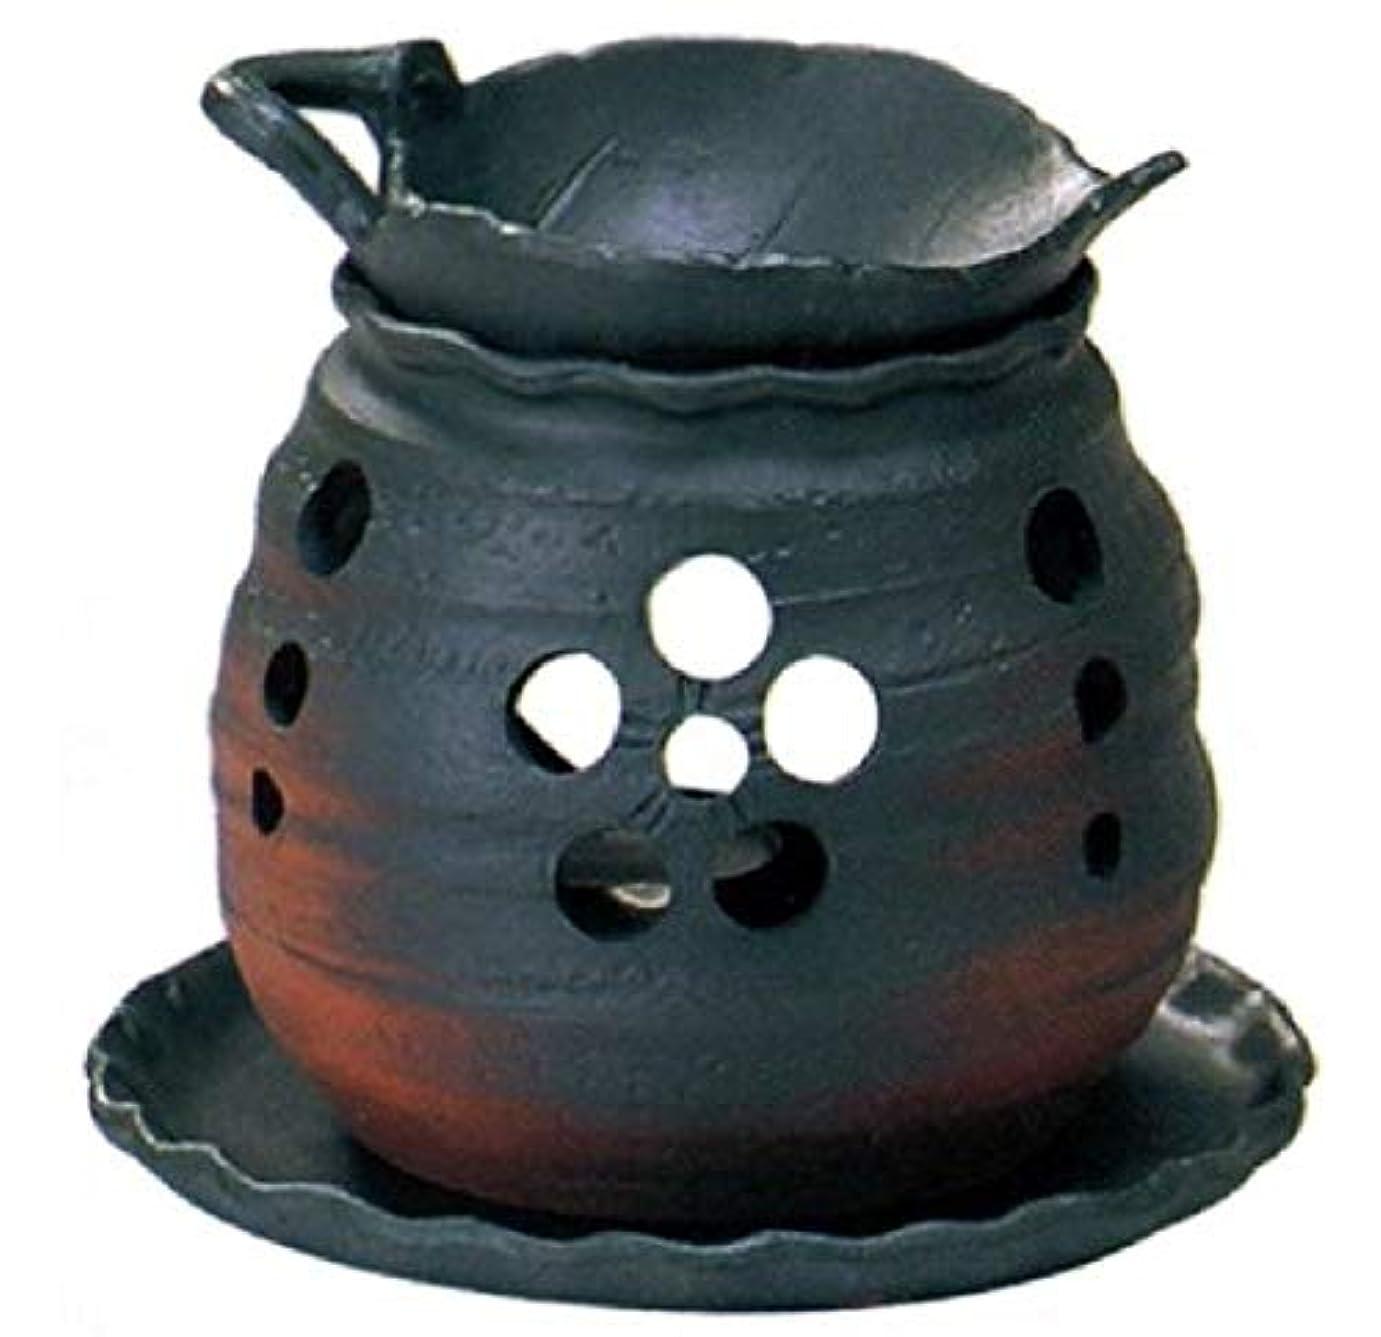 落ち着いたワックス早める常滑焼 創器 ゆとり 茶香炉 径:13.2cm 高さ:11.5cm 木の葉の皿付 サ39-10